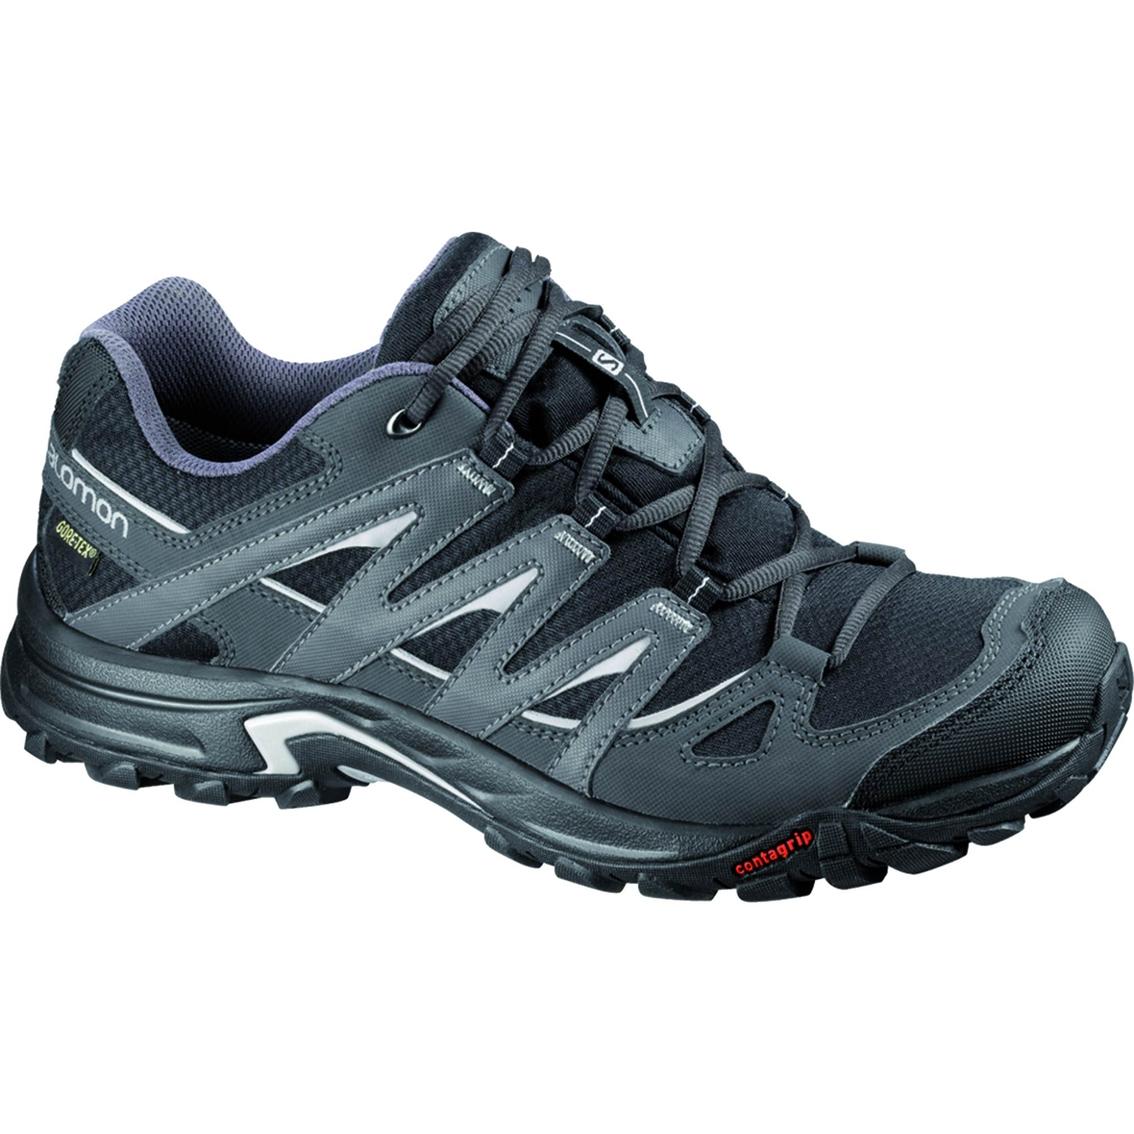 d87c2581a9ae Salomon Men s Eskape Gtx Hiking Shoes